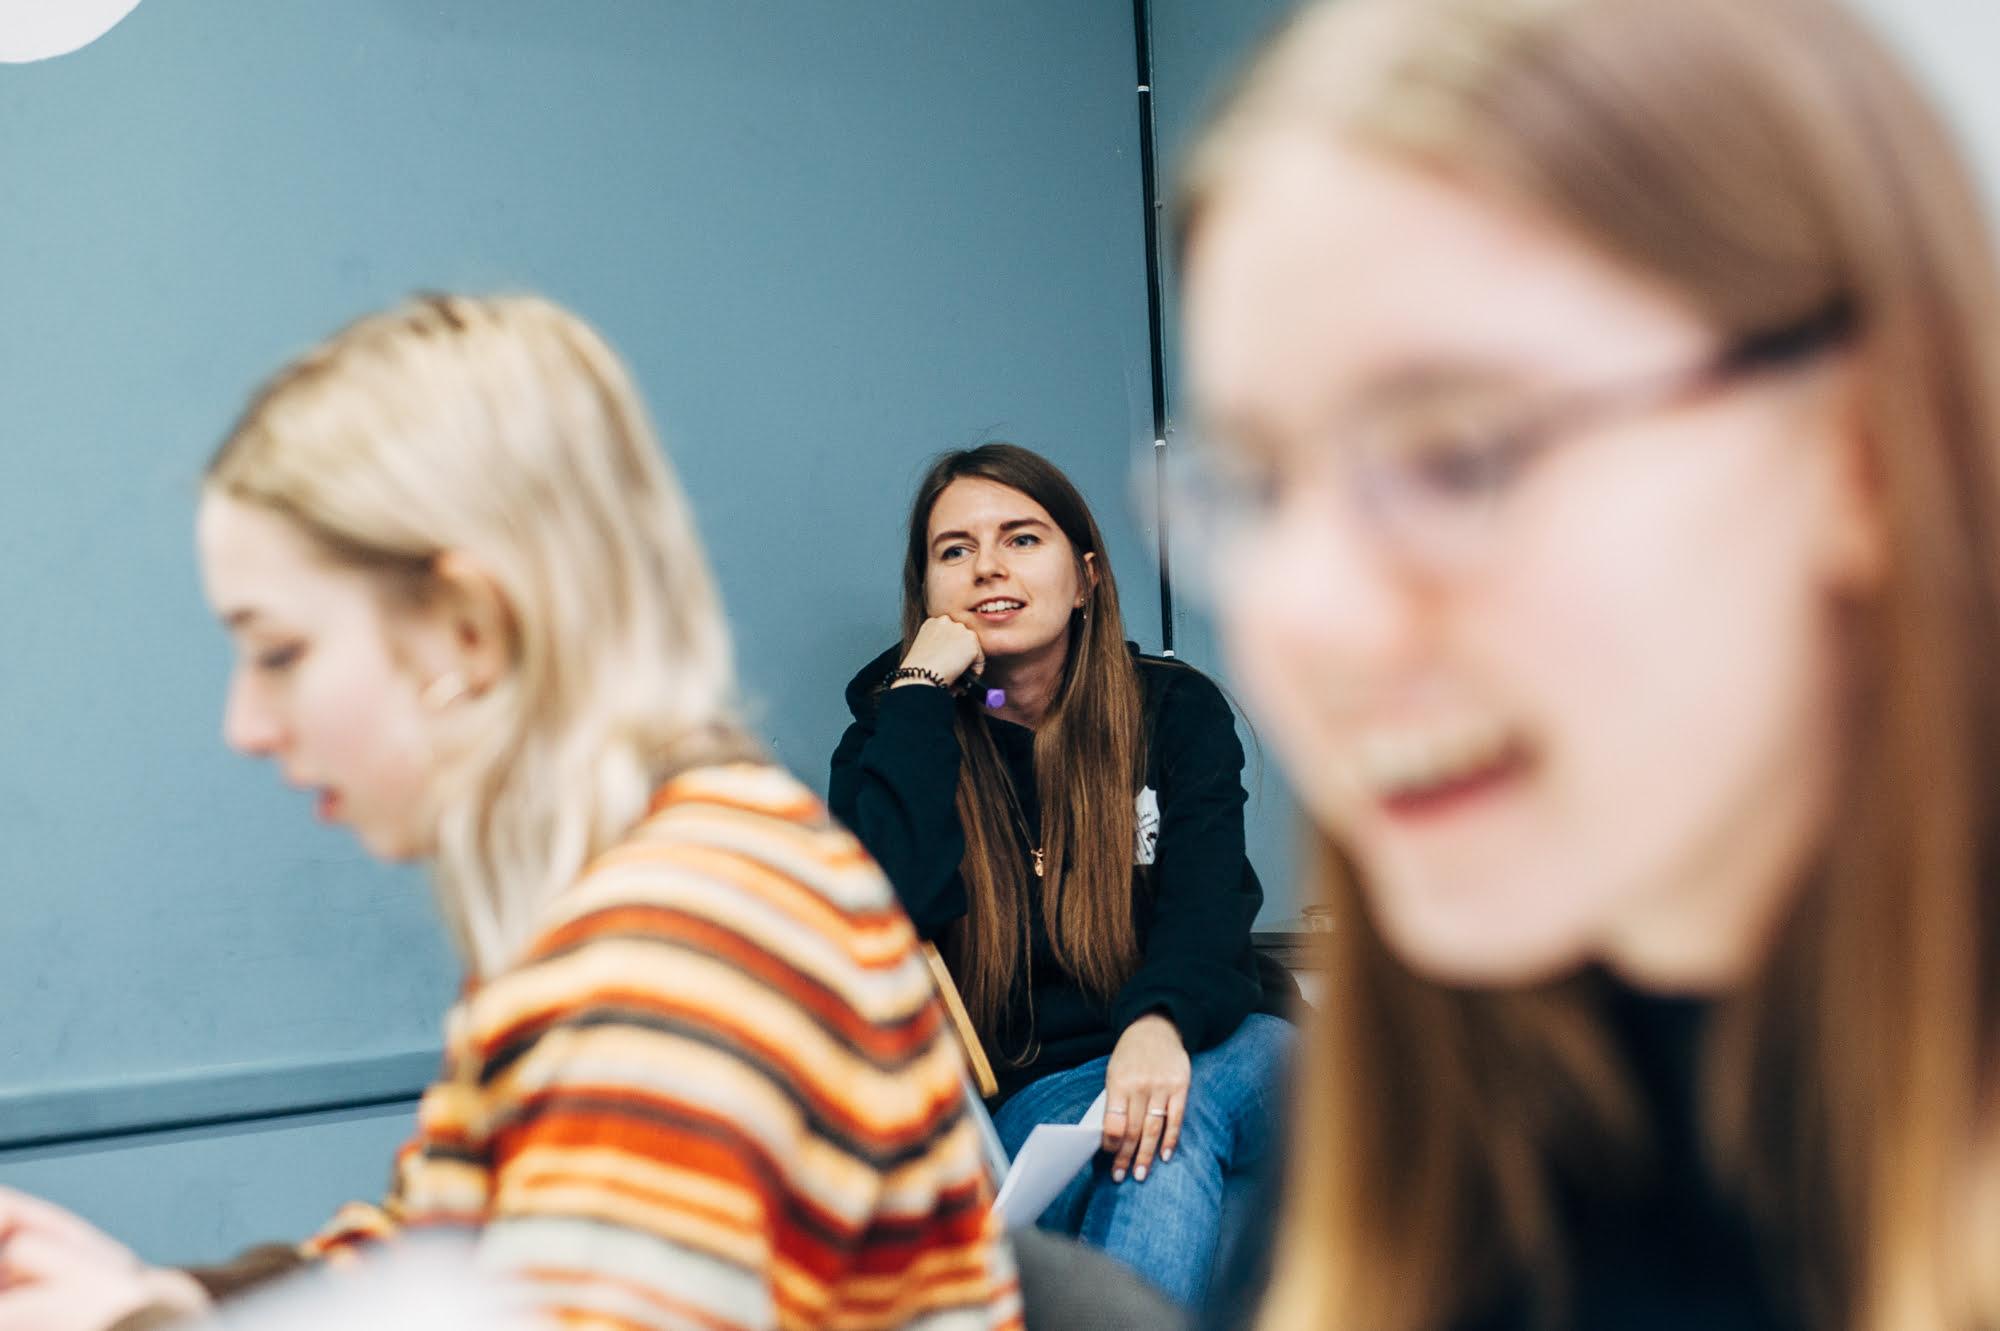 Іра Єрошко на заняттях школи візуального сторітеллінгу. Фото студенців центру.